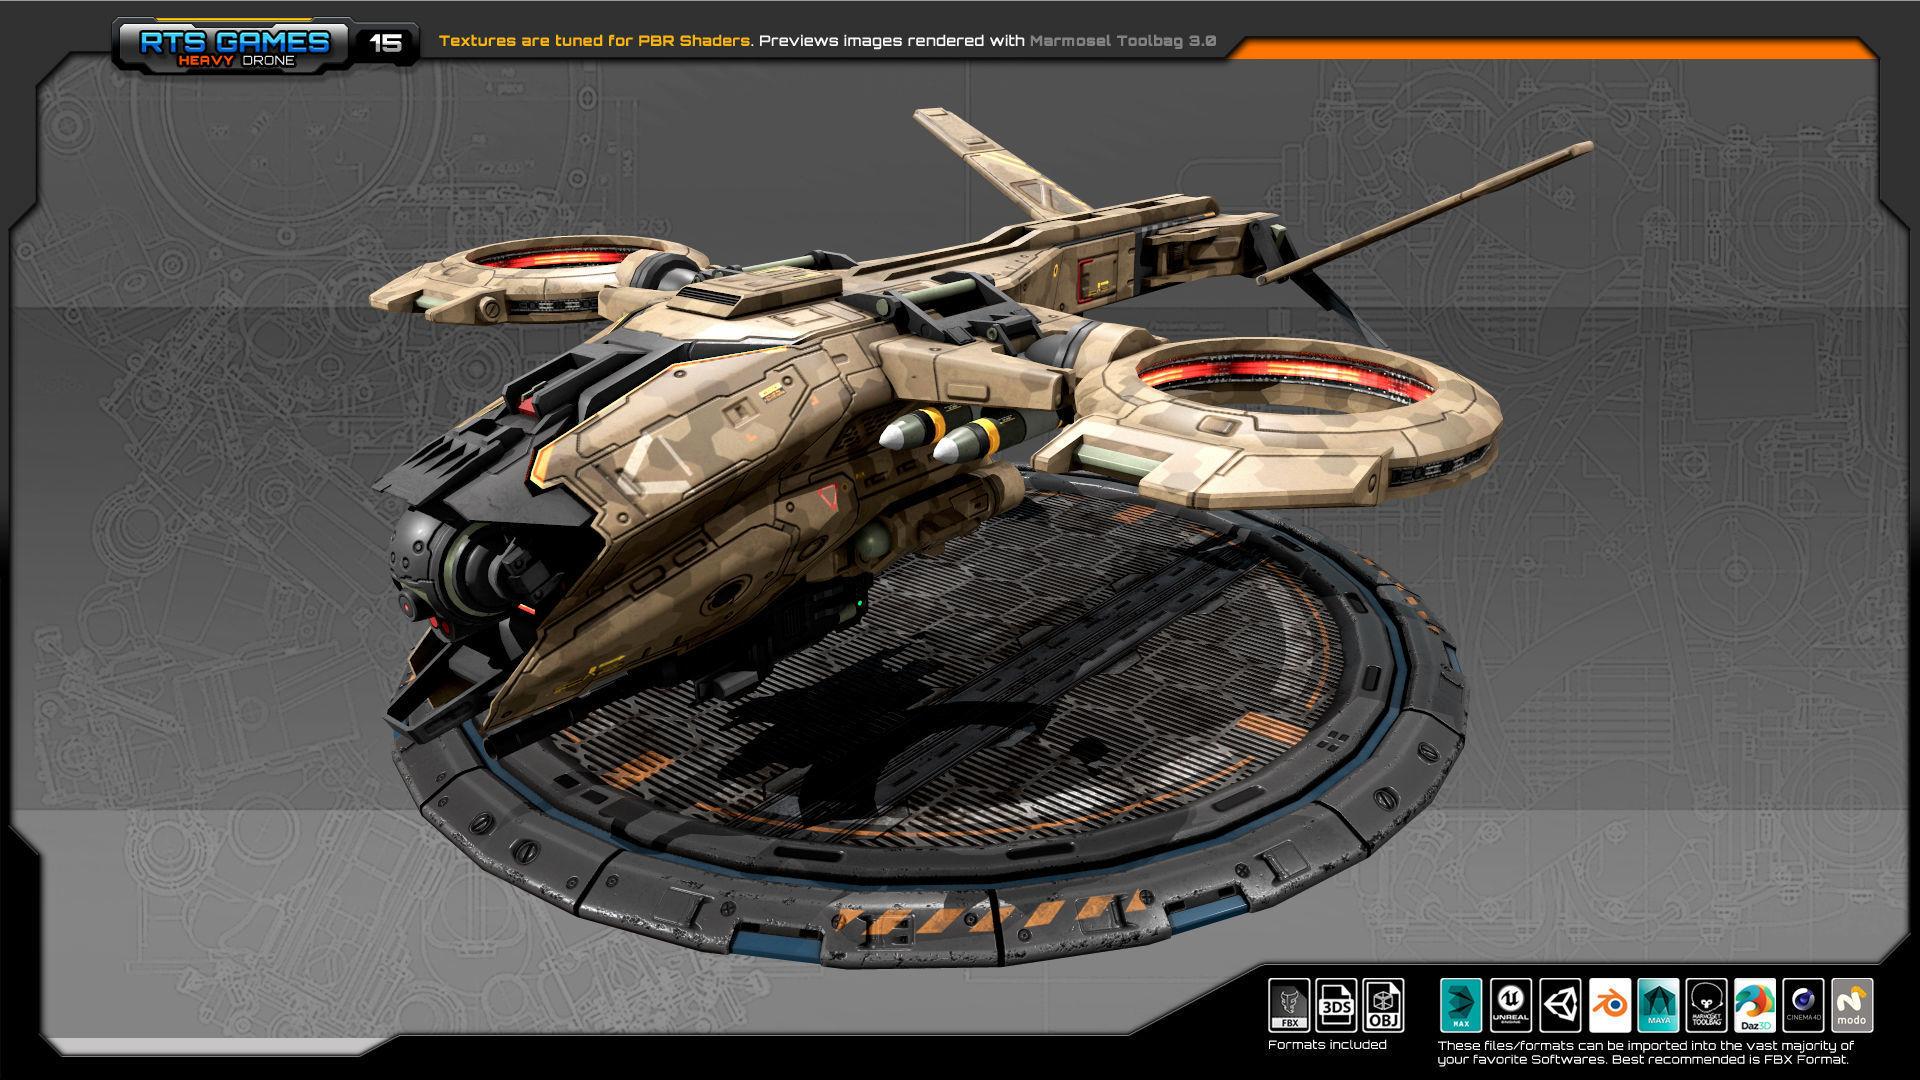 RTS Heavy Drone - 15